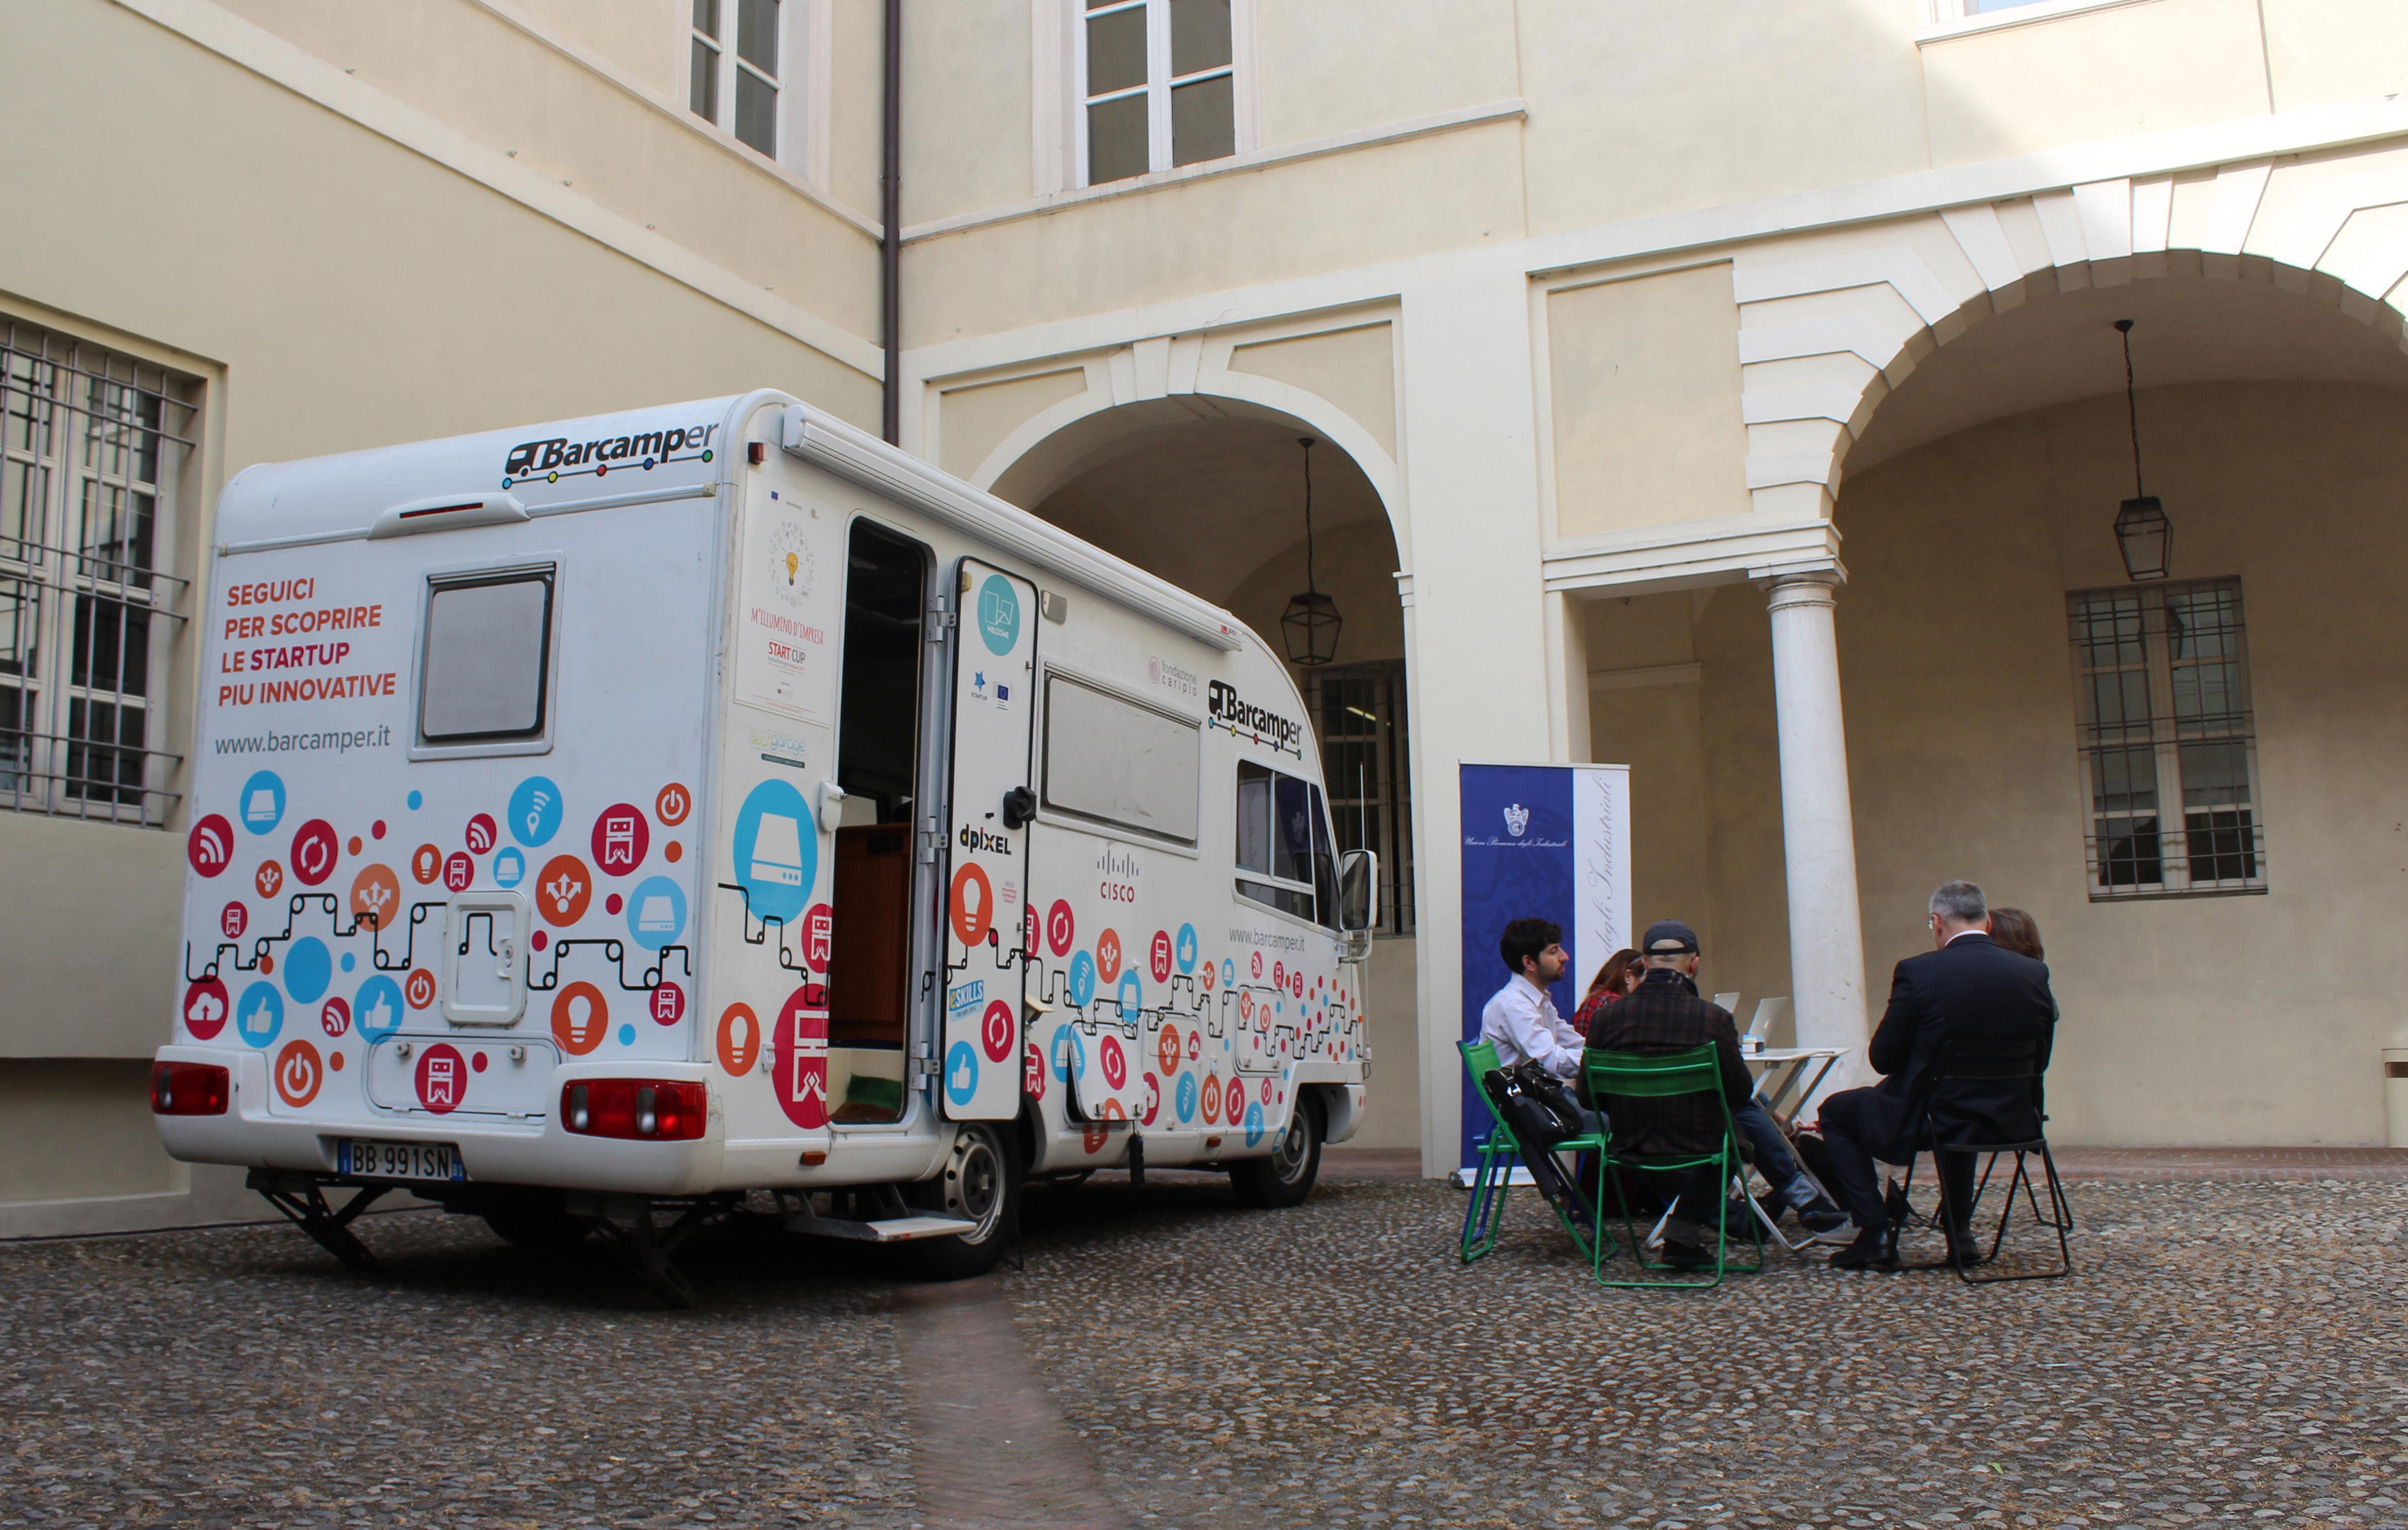 Start Cup Emilia-Romagna 2018: lo scouting tour per i progetti d'impresa innovativi ha fatto tappa a Parma il 18 aprile